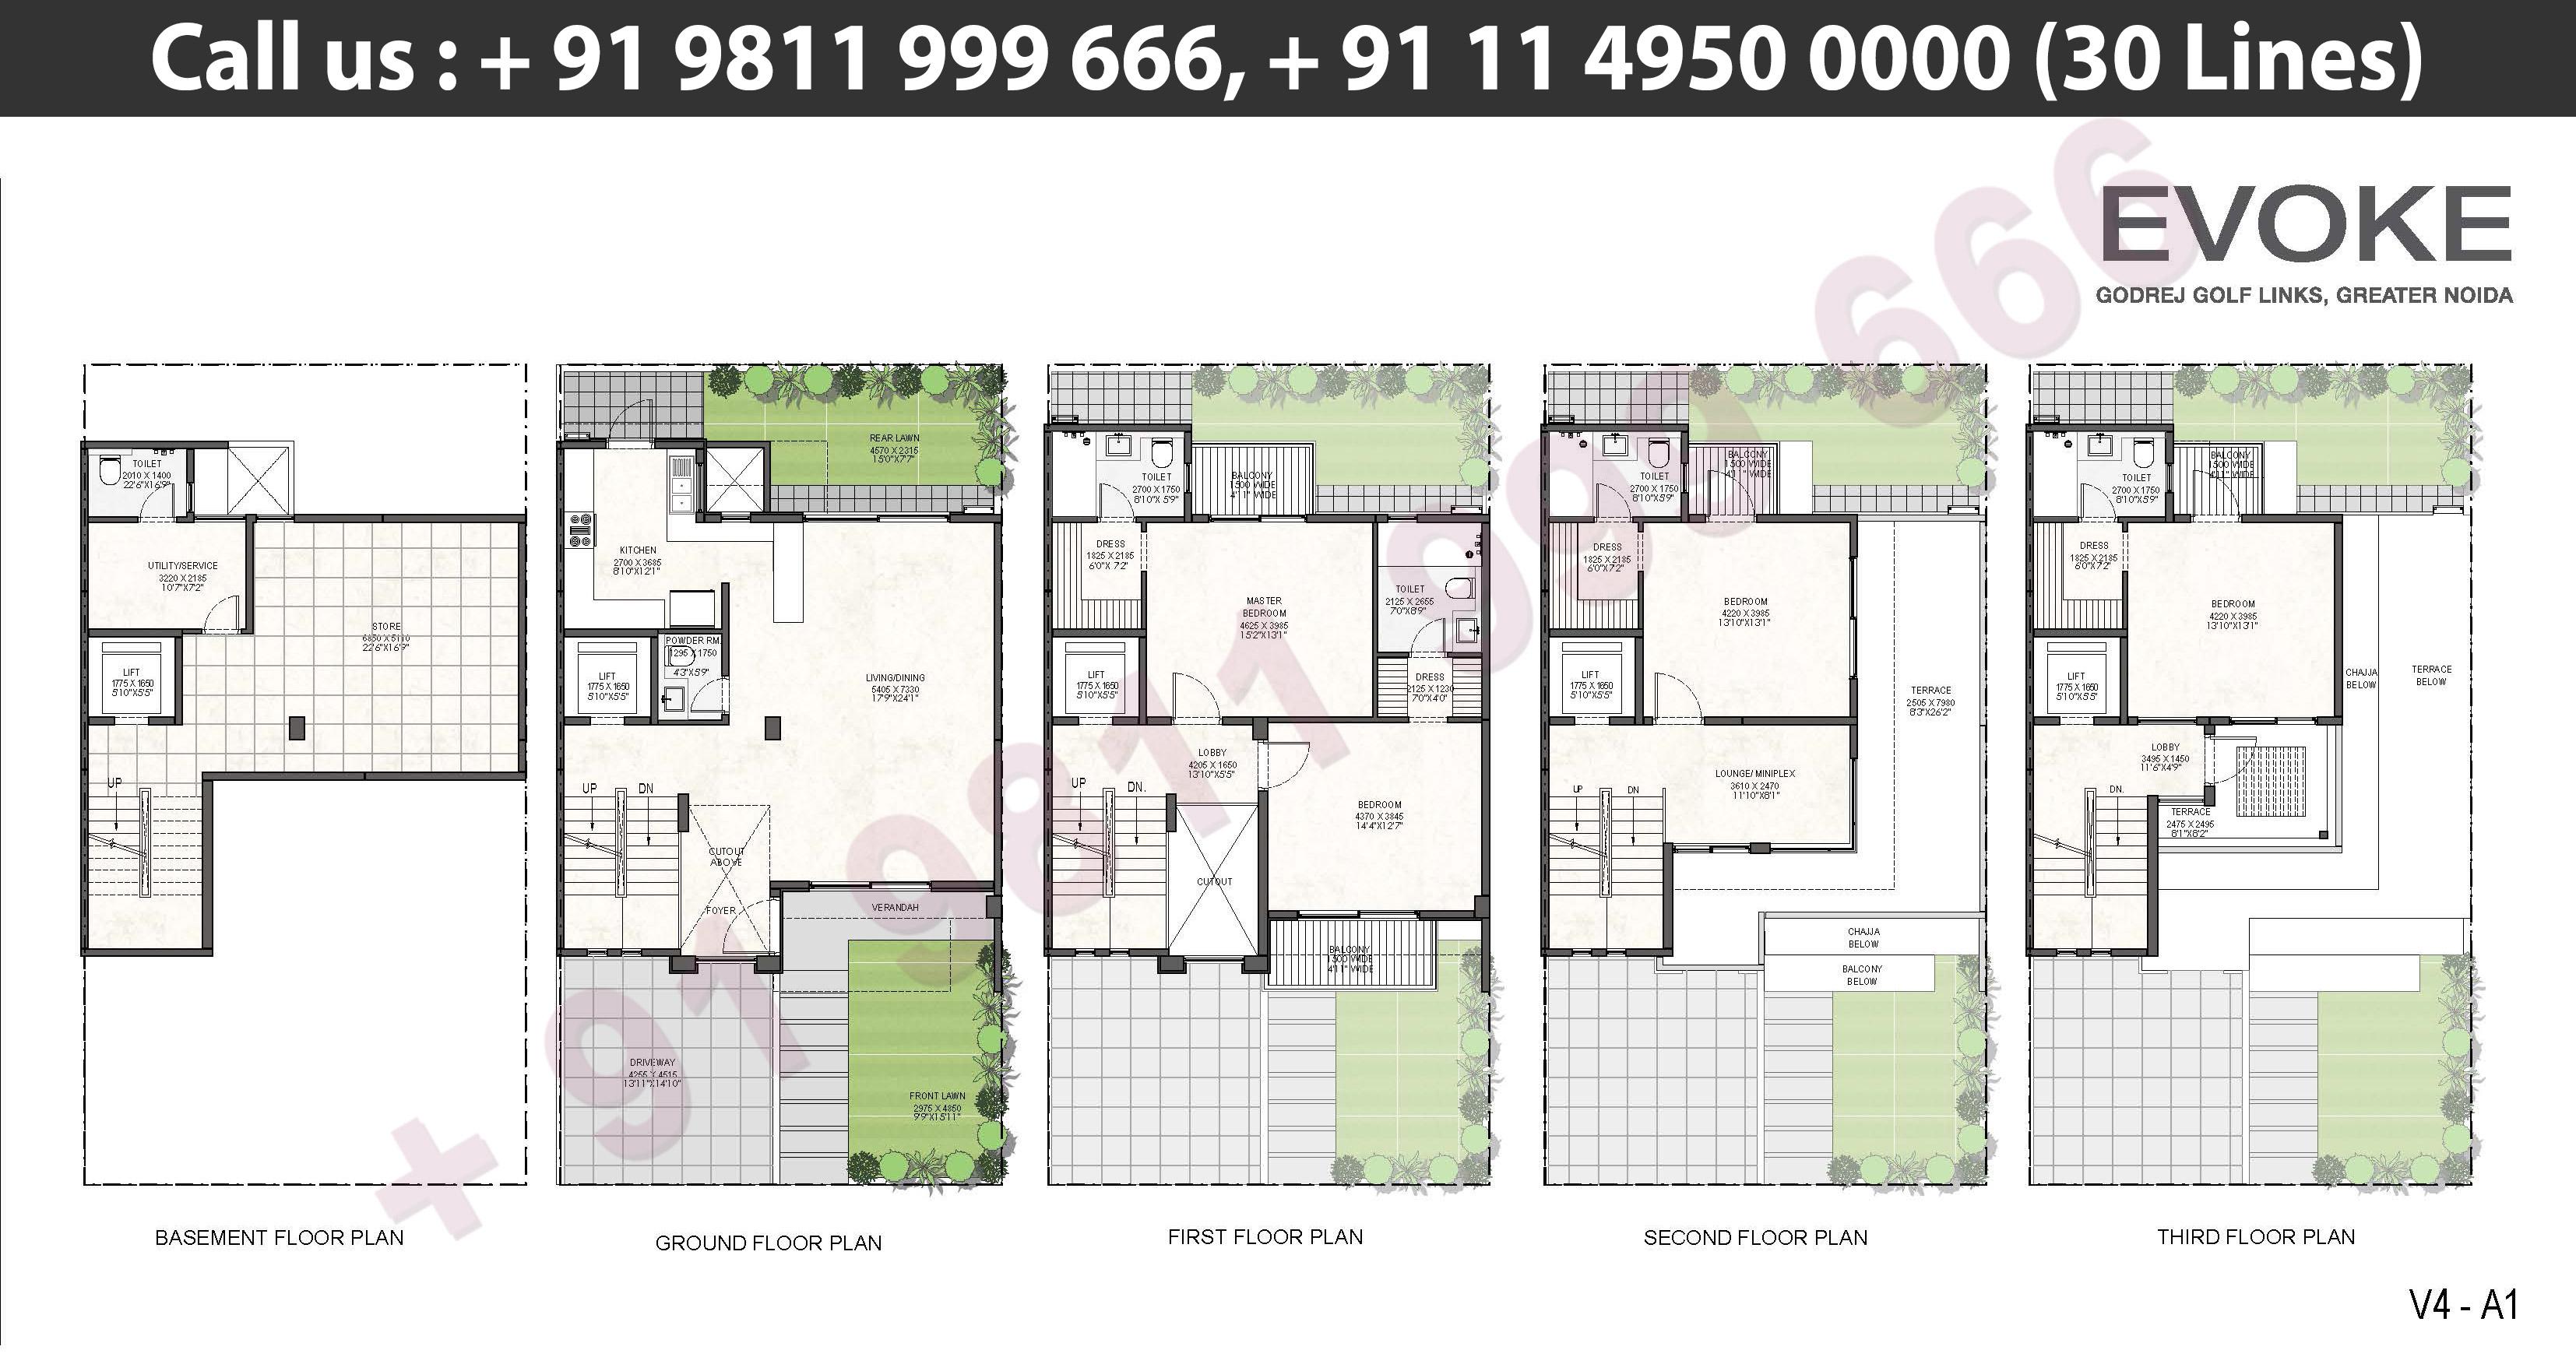 V4 - A1 Floor Plan